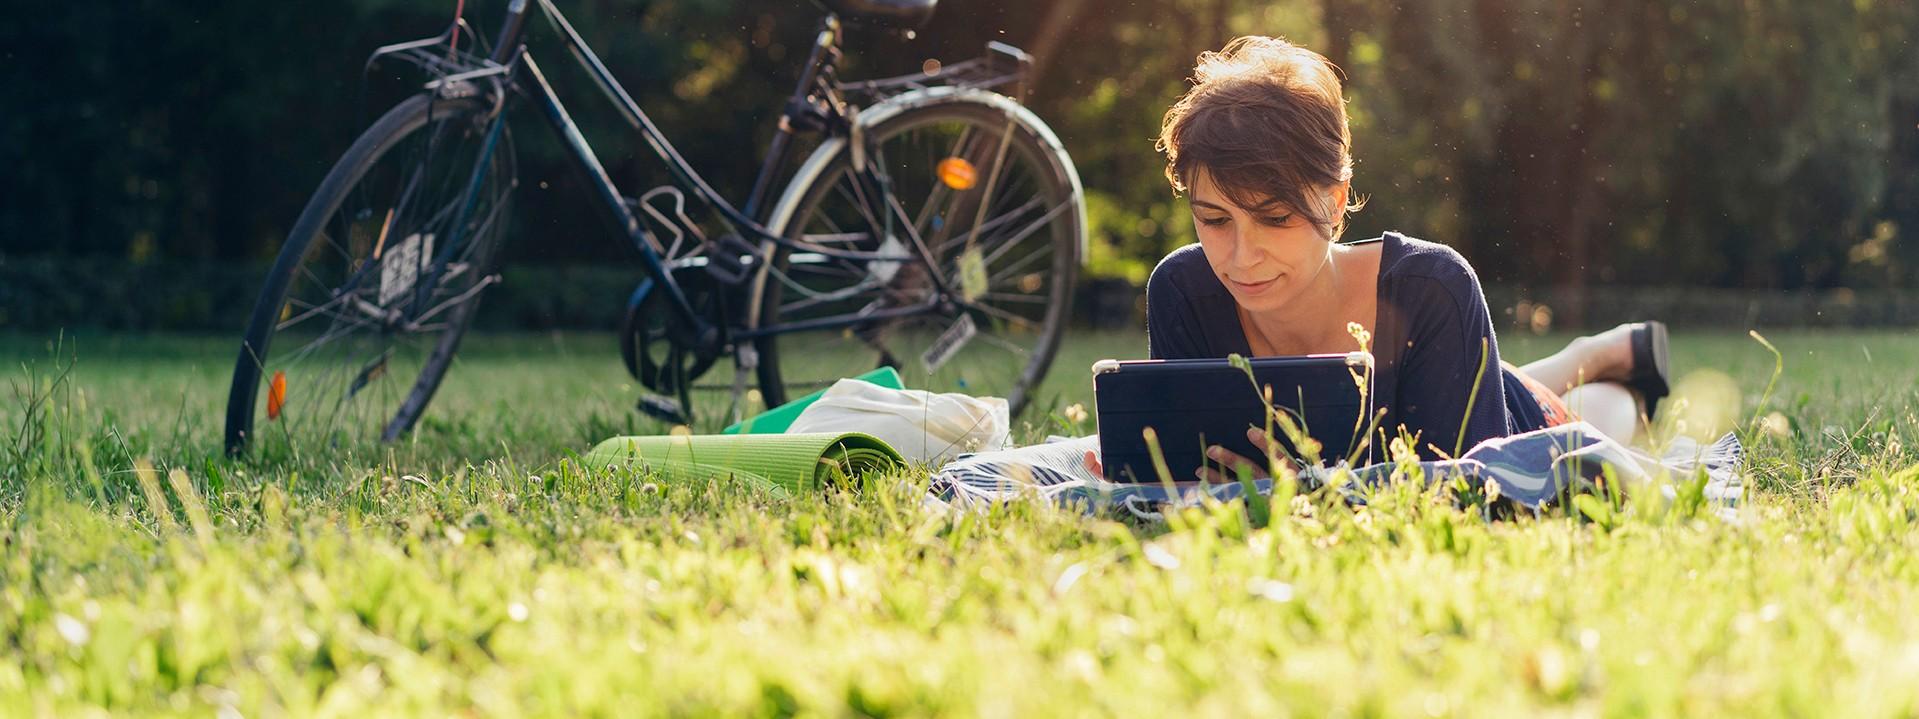 Frau liegt neben ihrem Fahrrad auf einer Sommerwiese